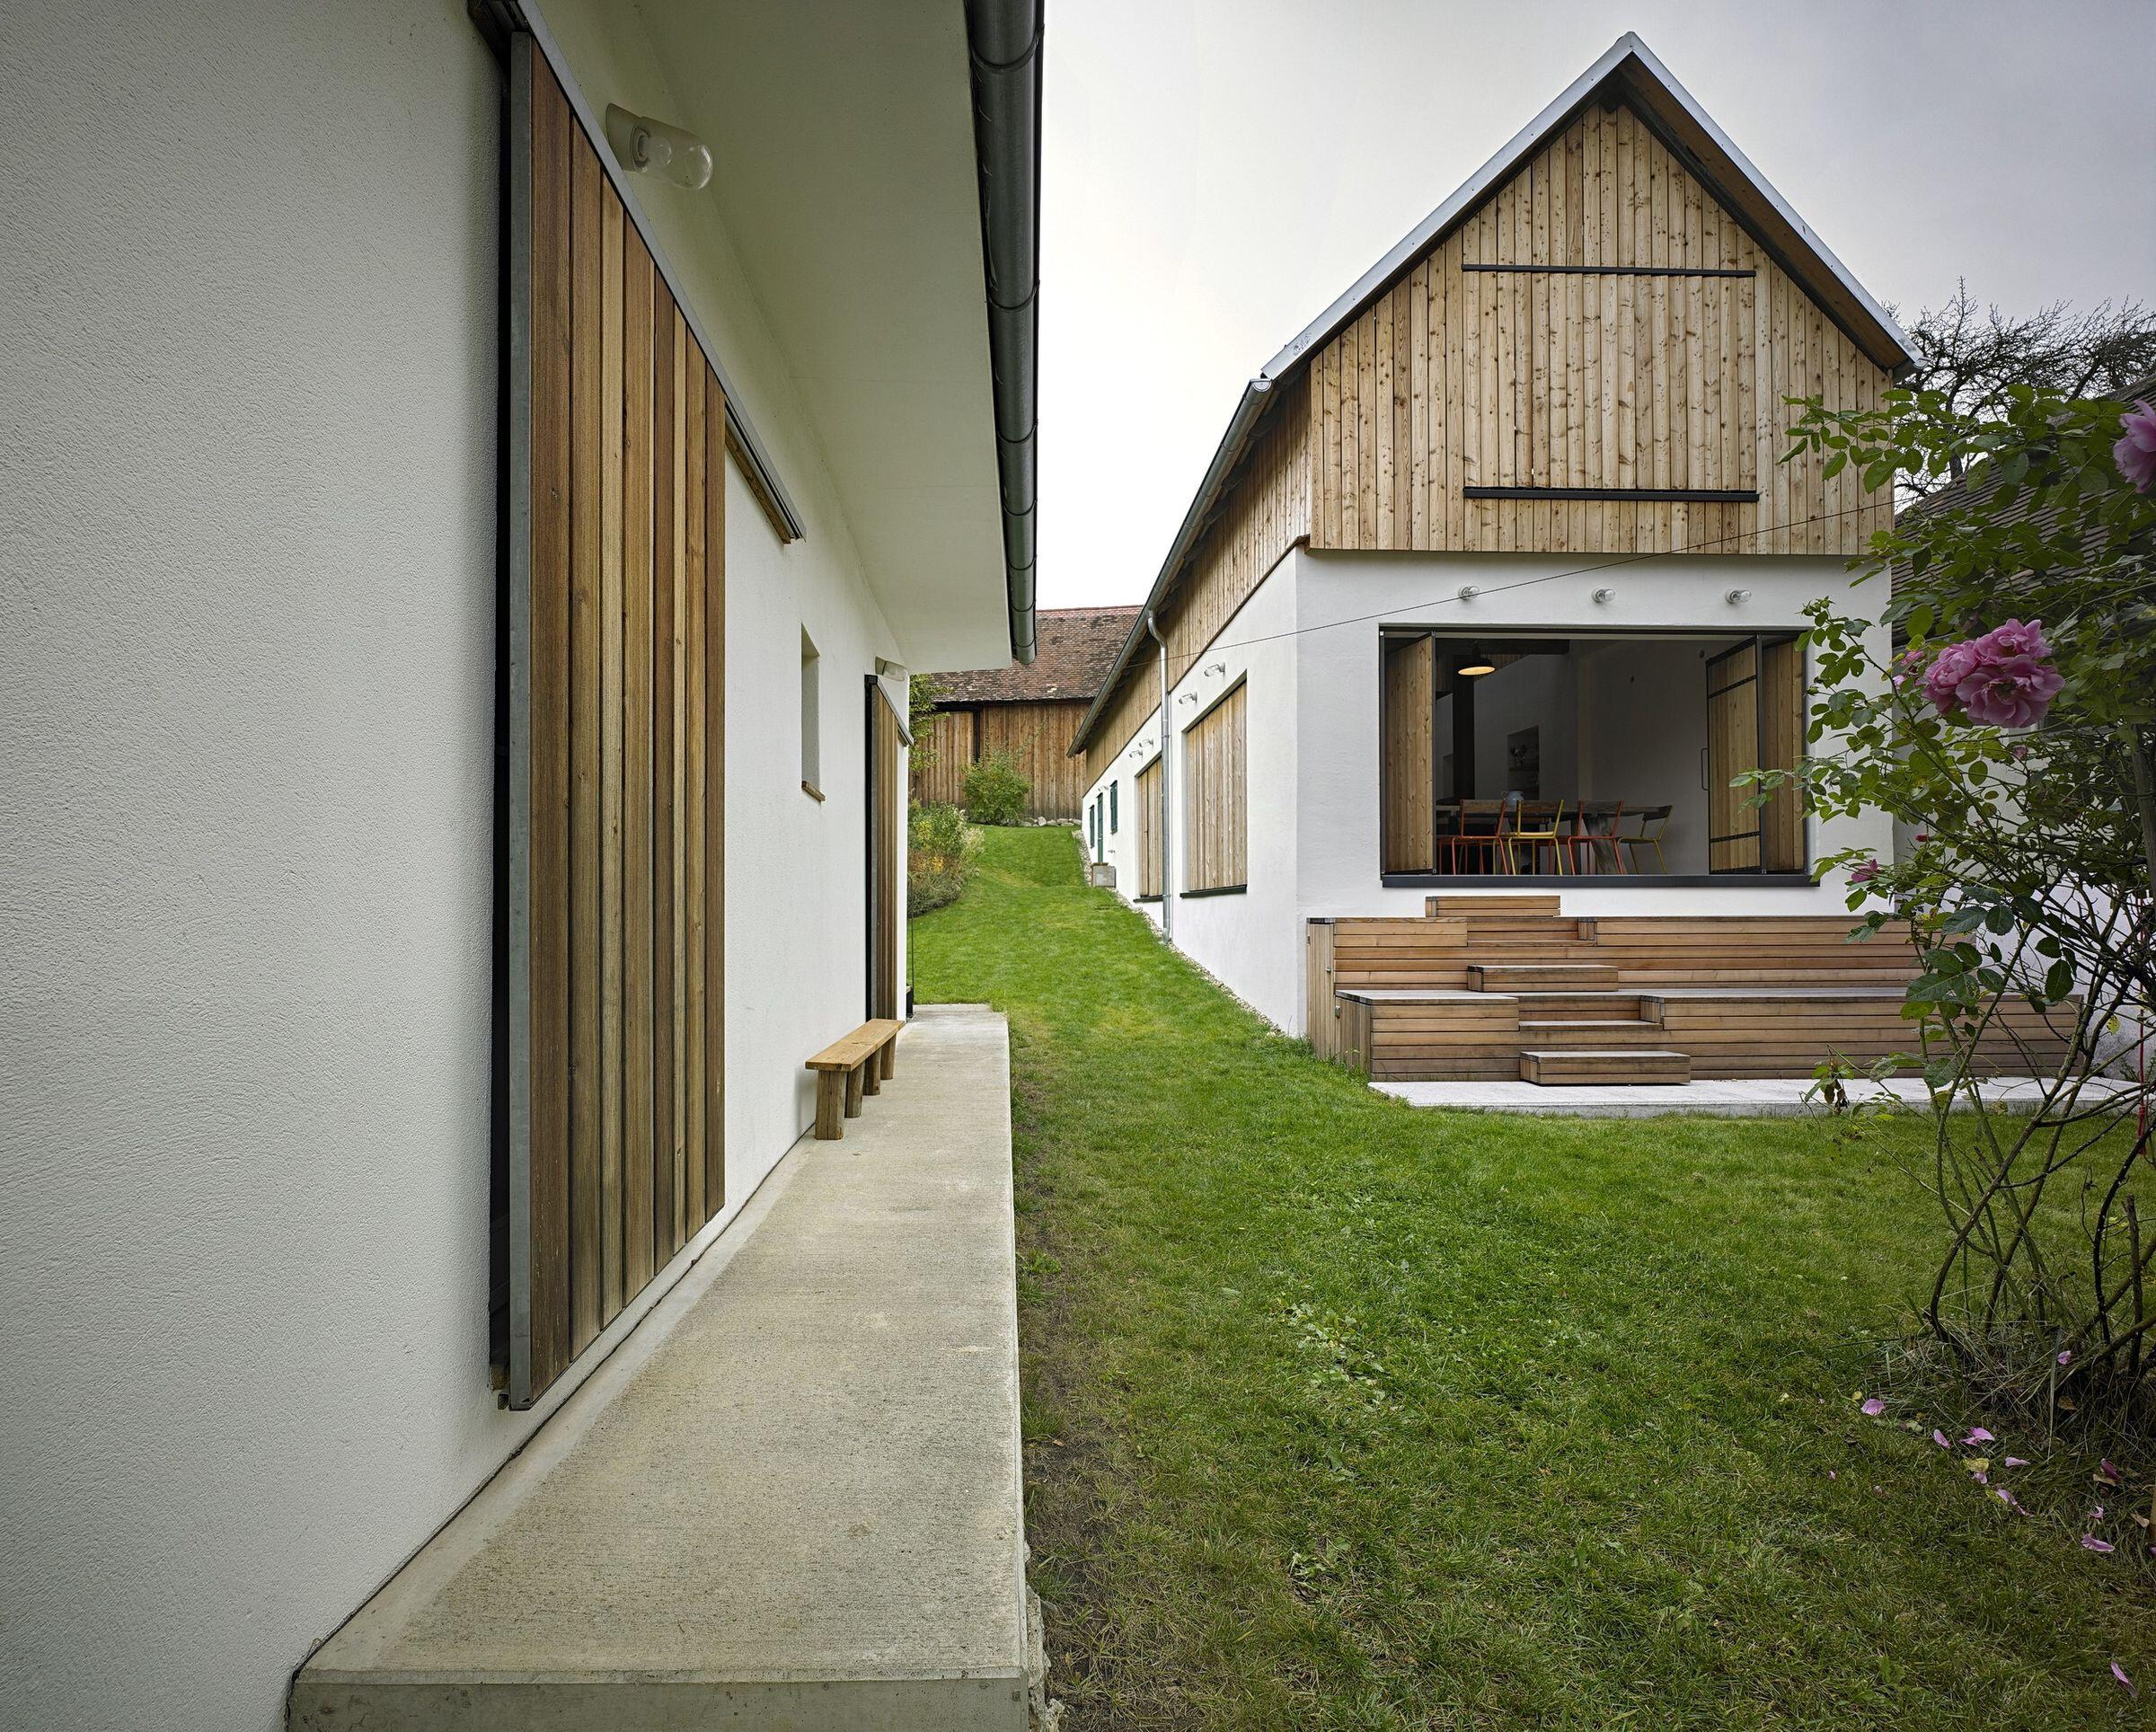 Farmhouse H1